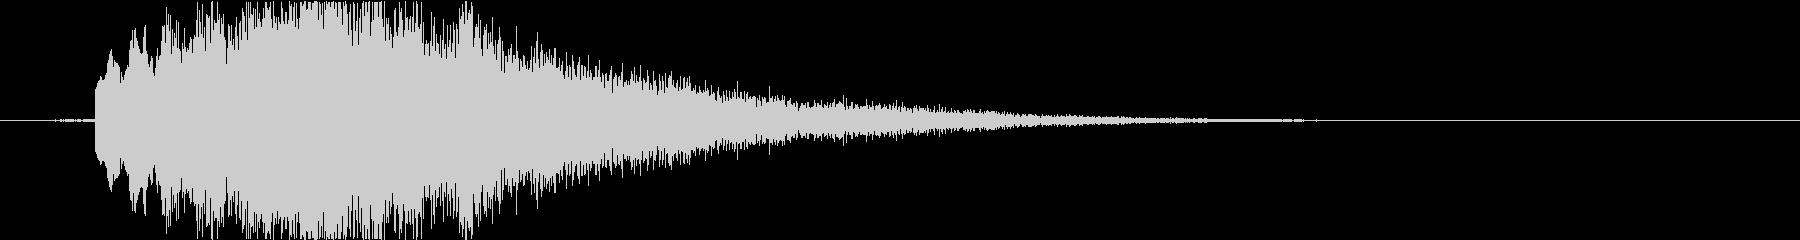 重厚・キラキラしたサウンドロゴの未再生の波形